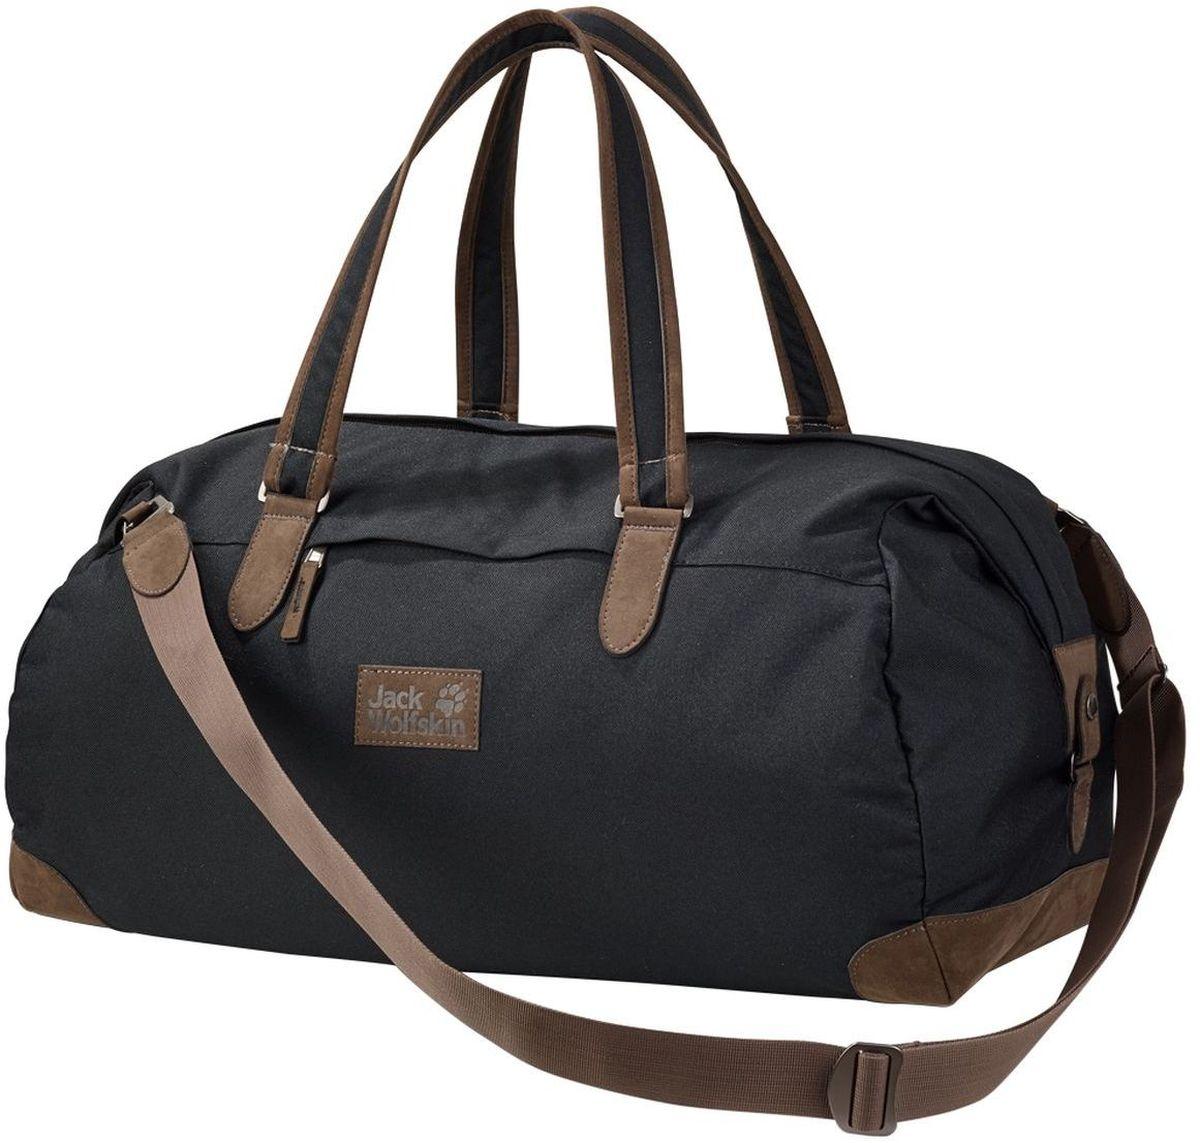 Сумка городская Jack Wolfskin Abbey Road 35, цвет: черный, 35 л2005391-6000Небольшая сумка для путешествий и коротких поездок